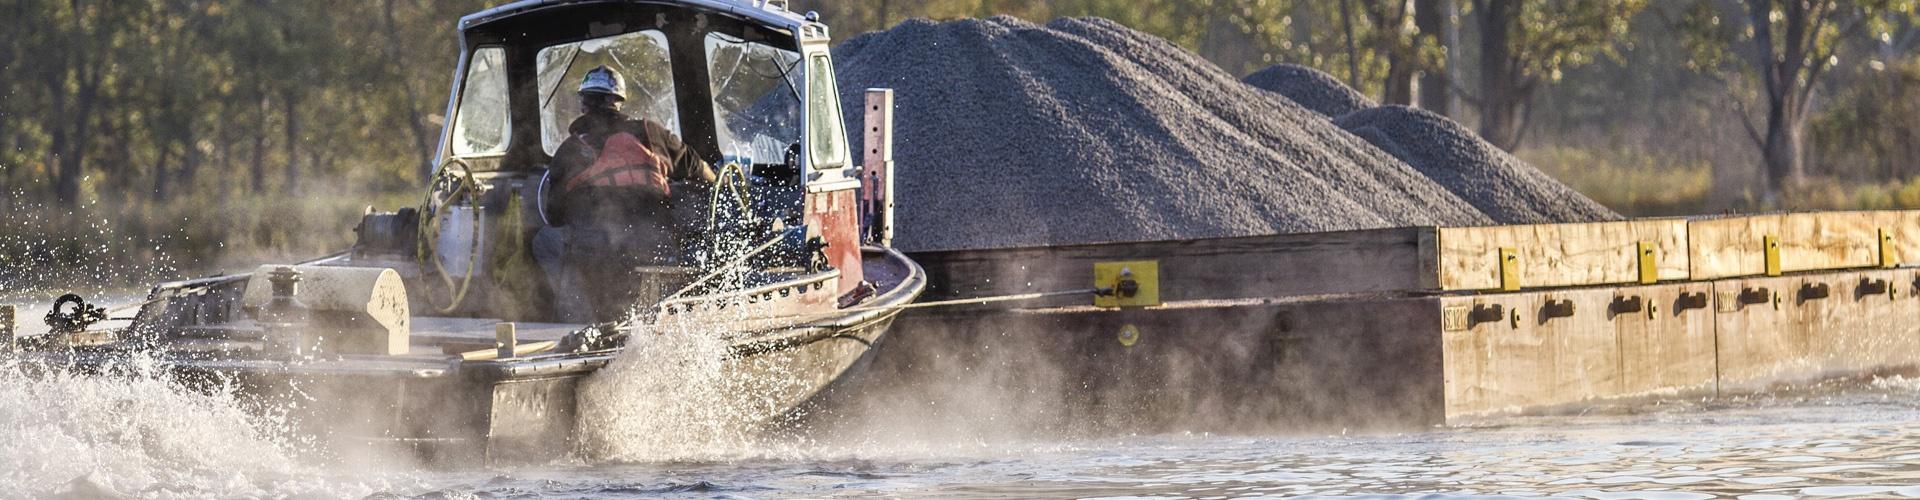 material transport, barge transport, environmental dredging, mechanical dredging, remedial dredging